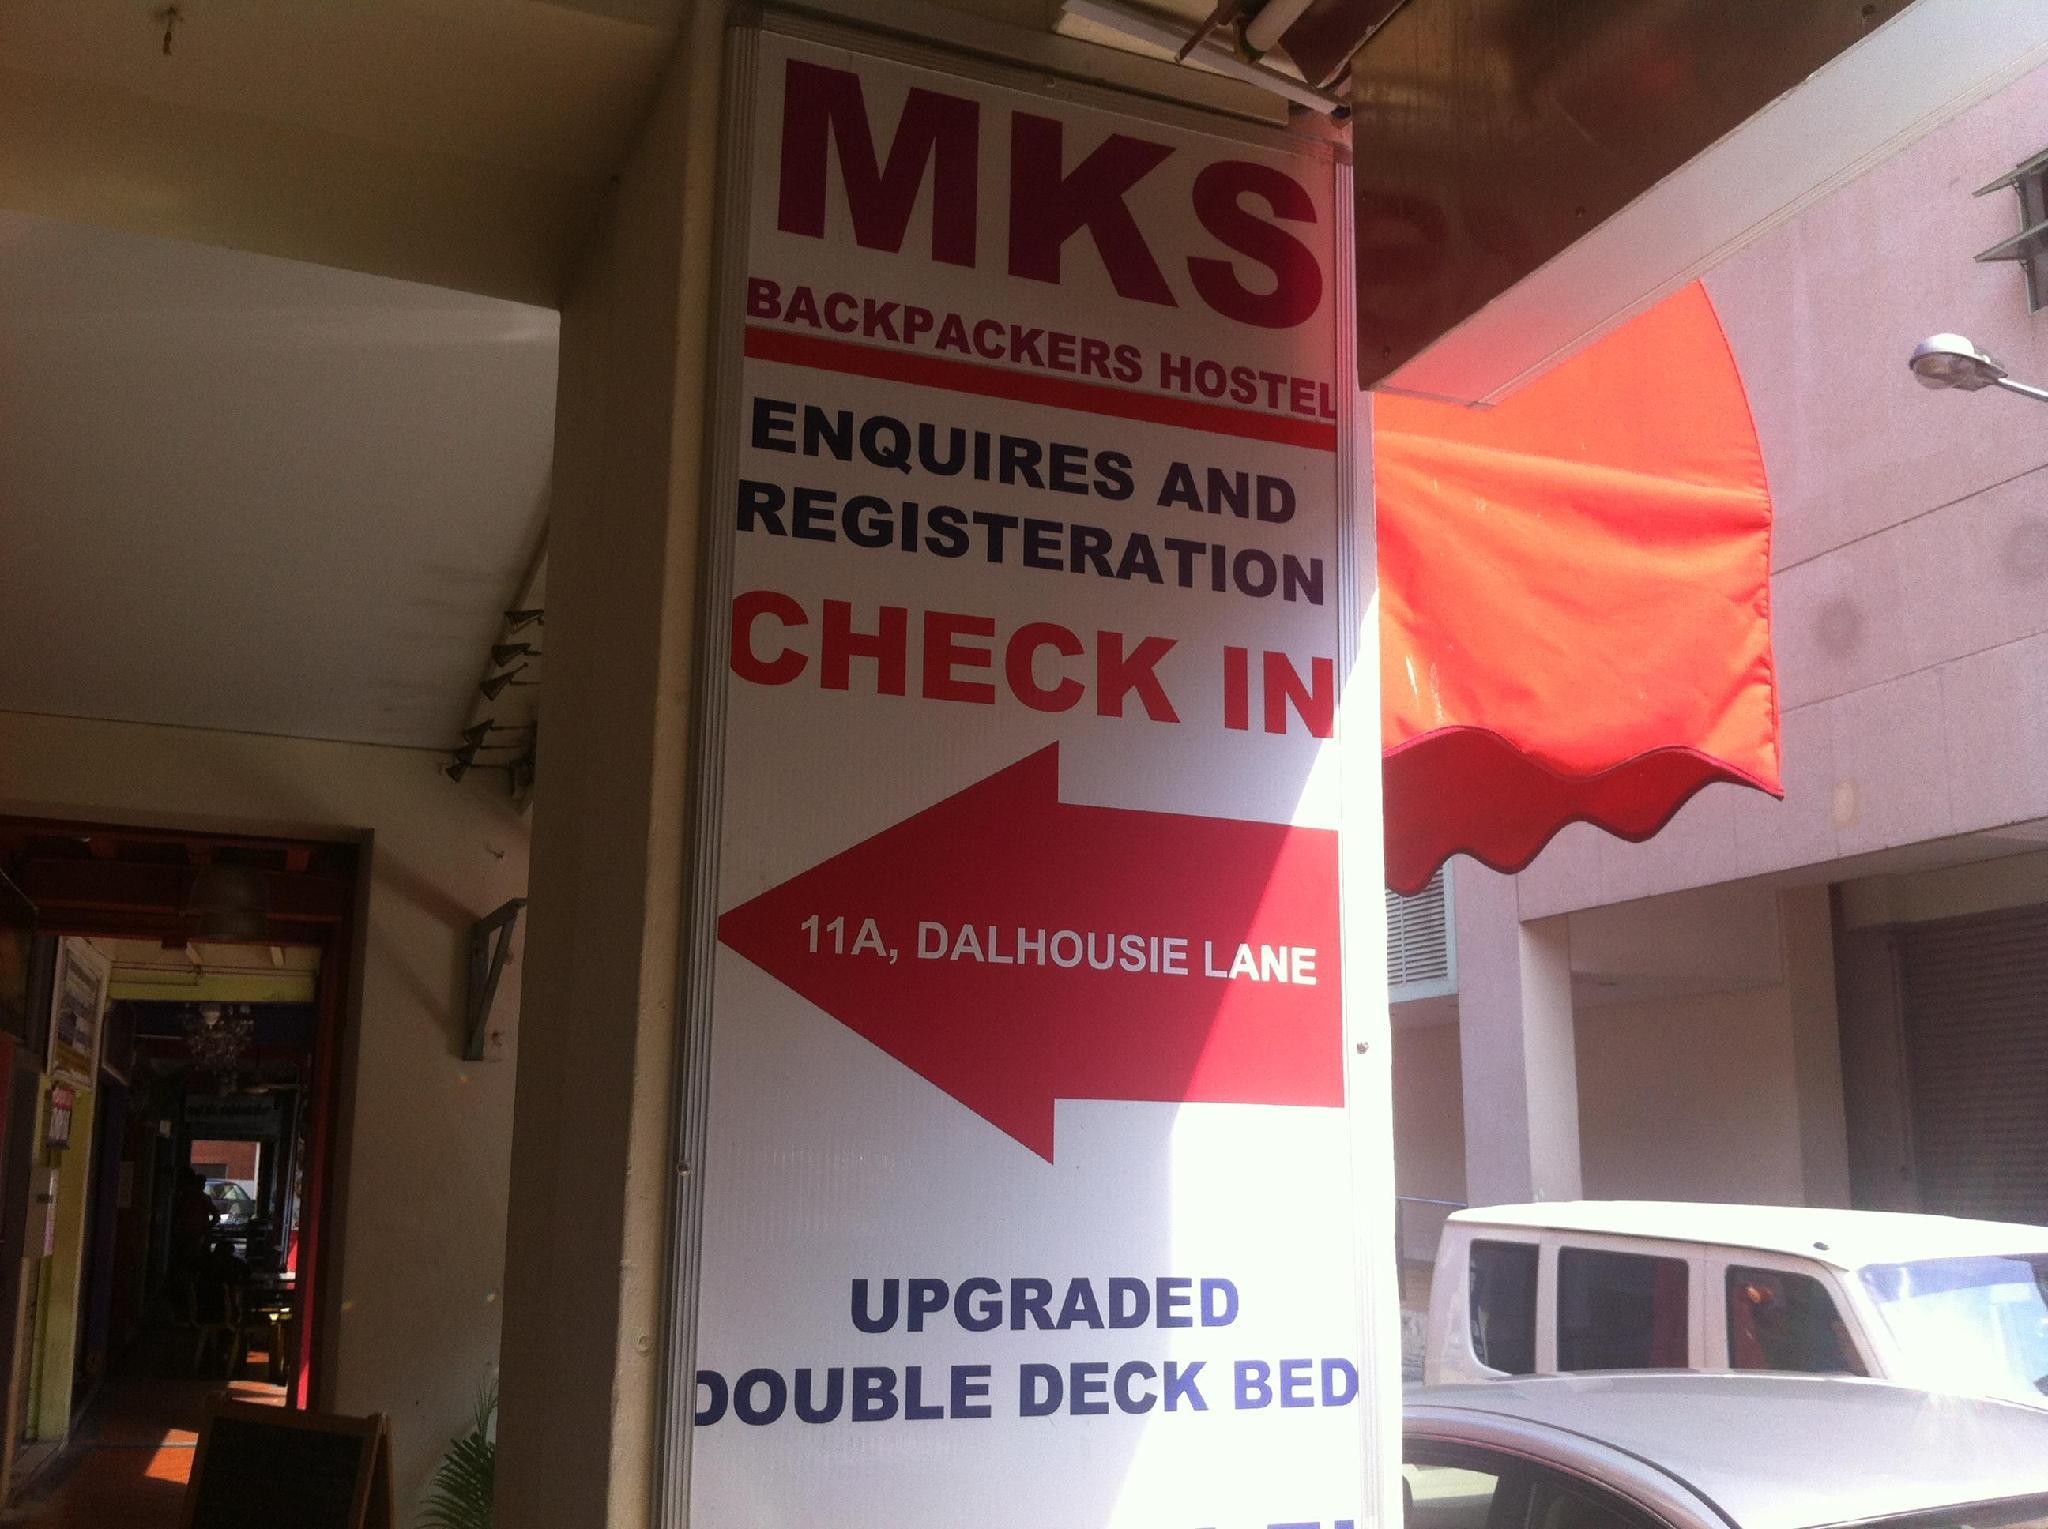 MKS Backpackers Hostel   Dalhousie Lane